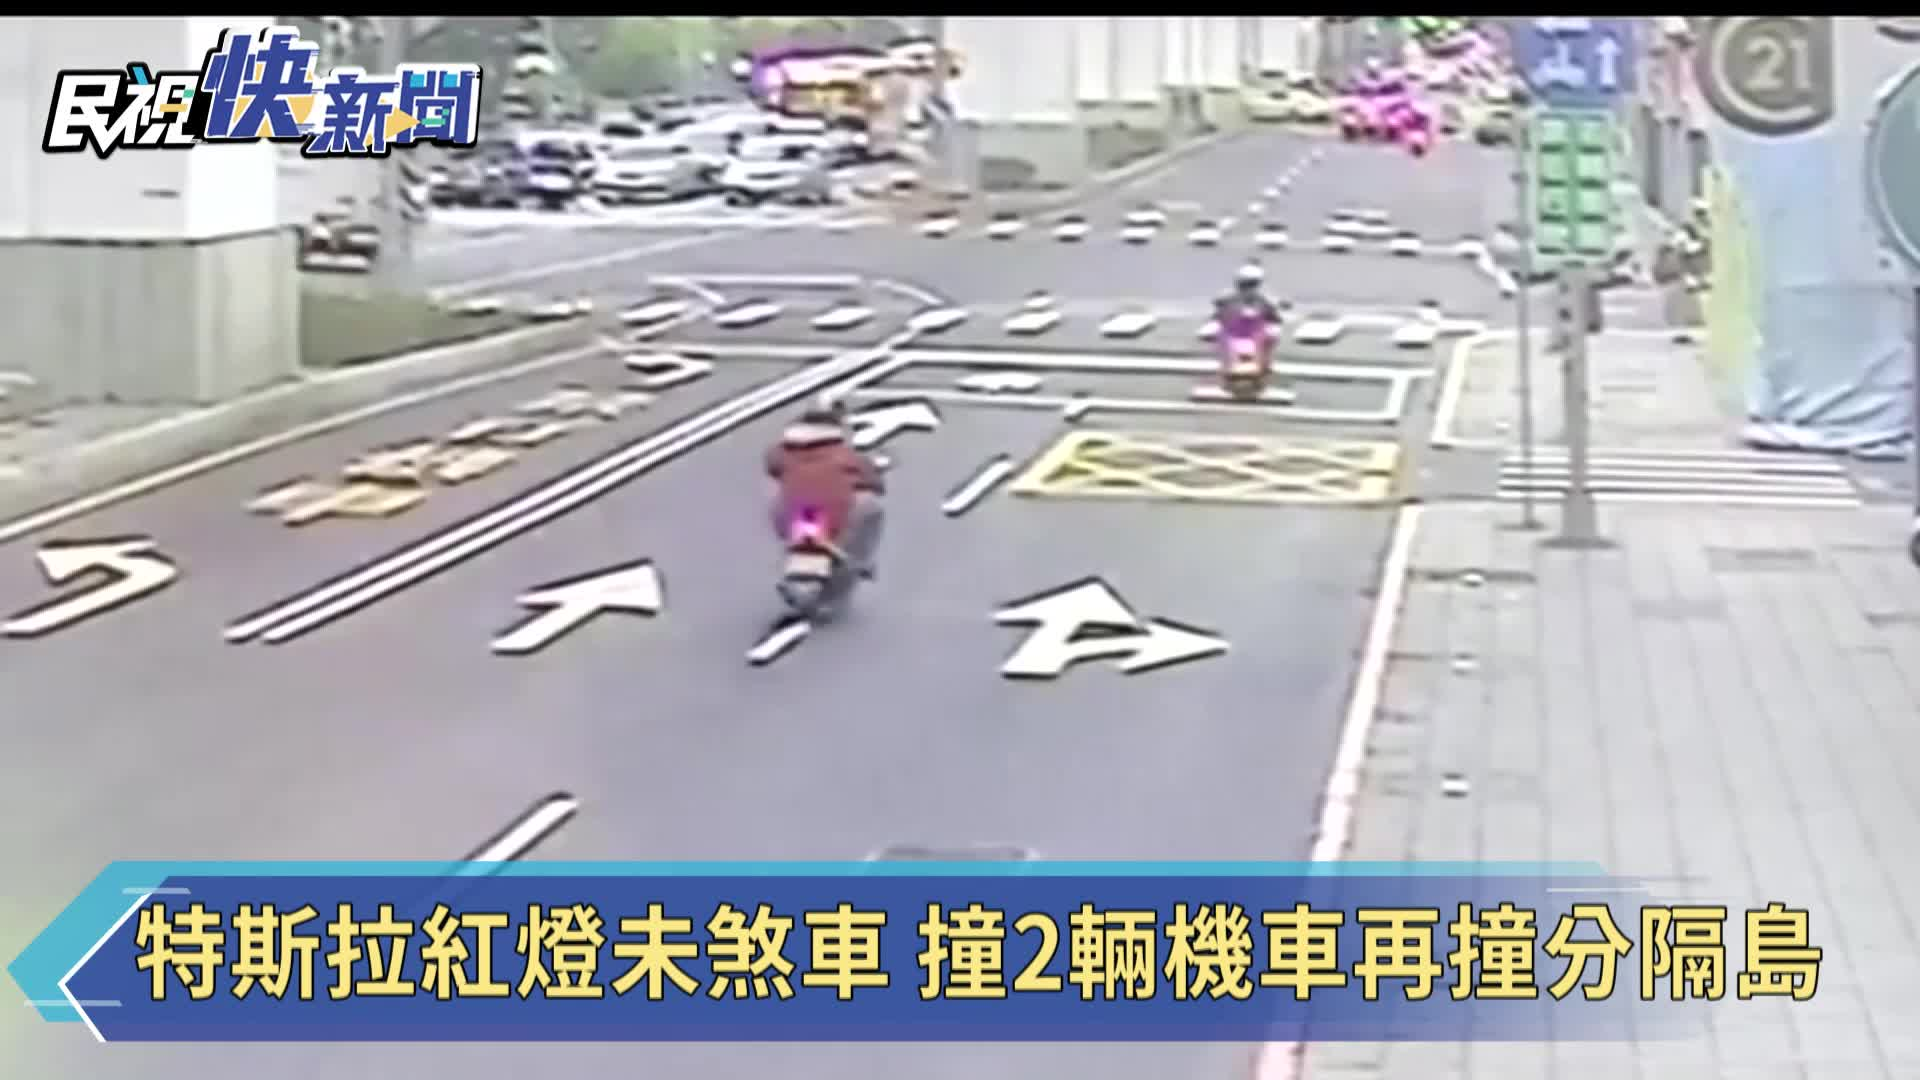 快新聞/板橋紅色特斯拉疑闖紅燈撞機車 5傷者送醫